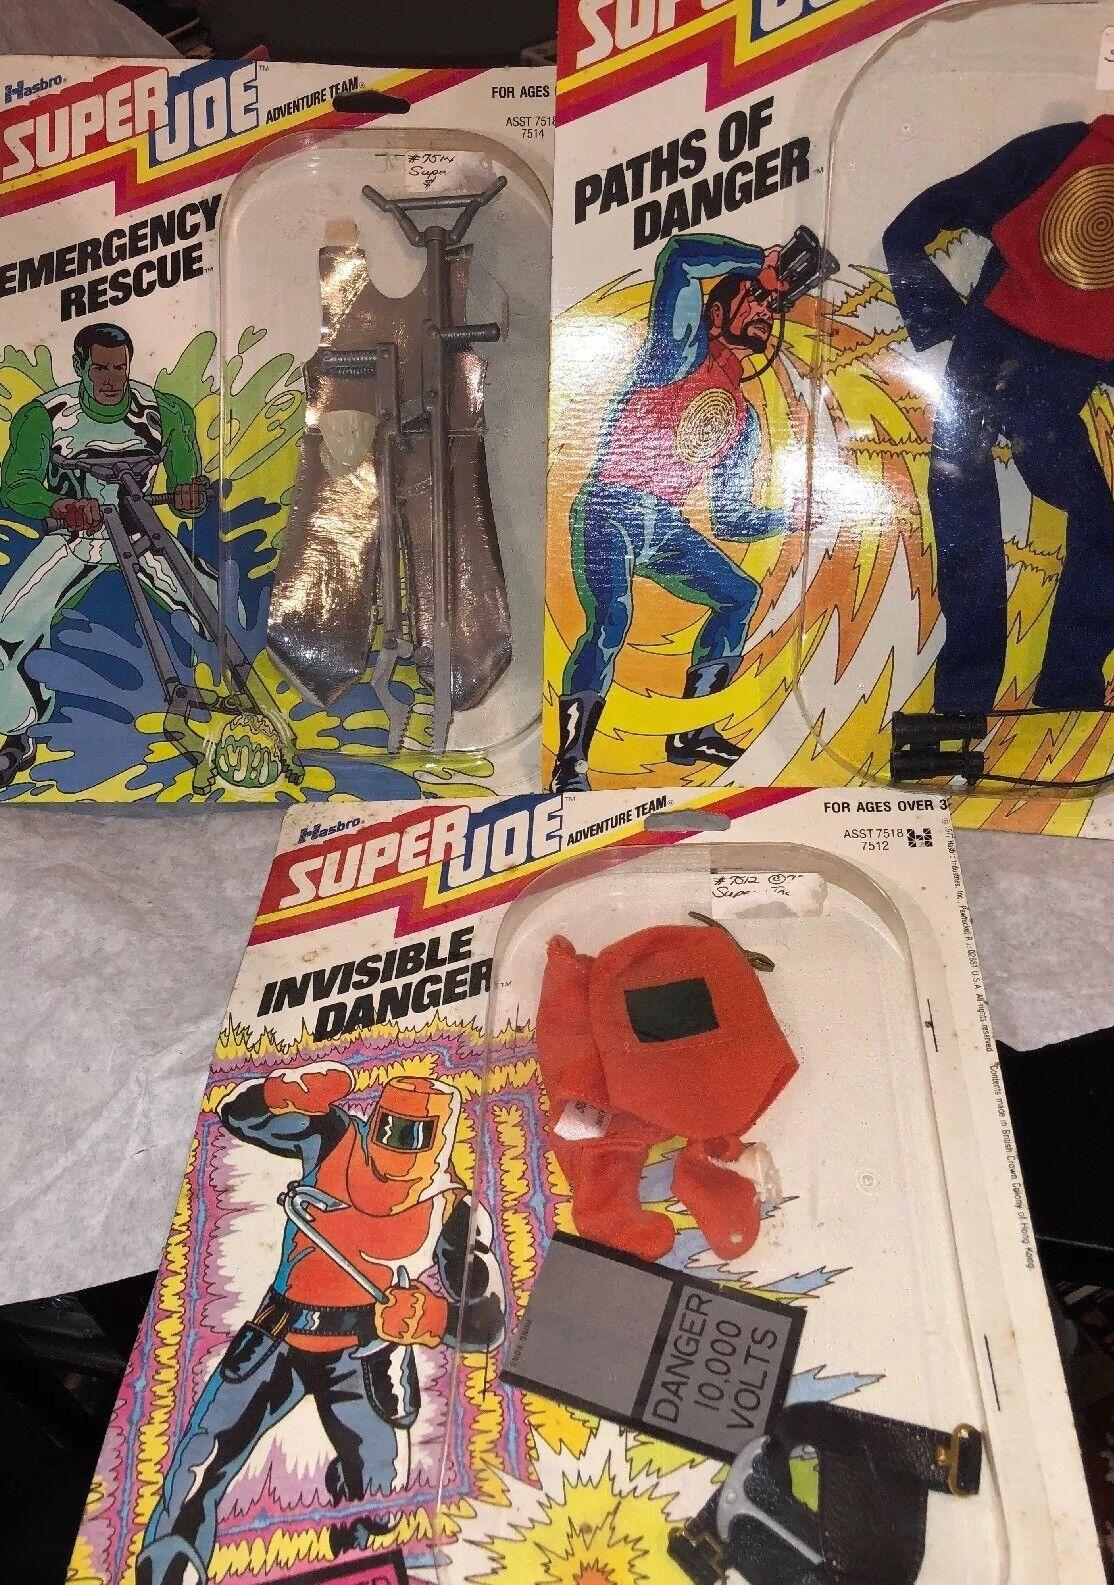 en stock súper Joe 1977 menta en tarjeta 3 Juego Juego Juego de Lote senderos de peligro invisible peligro de emergencia rescate   ventas de salida